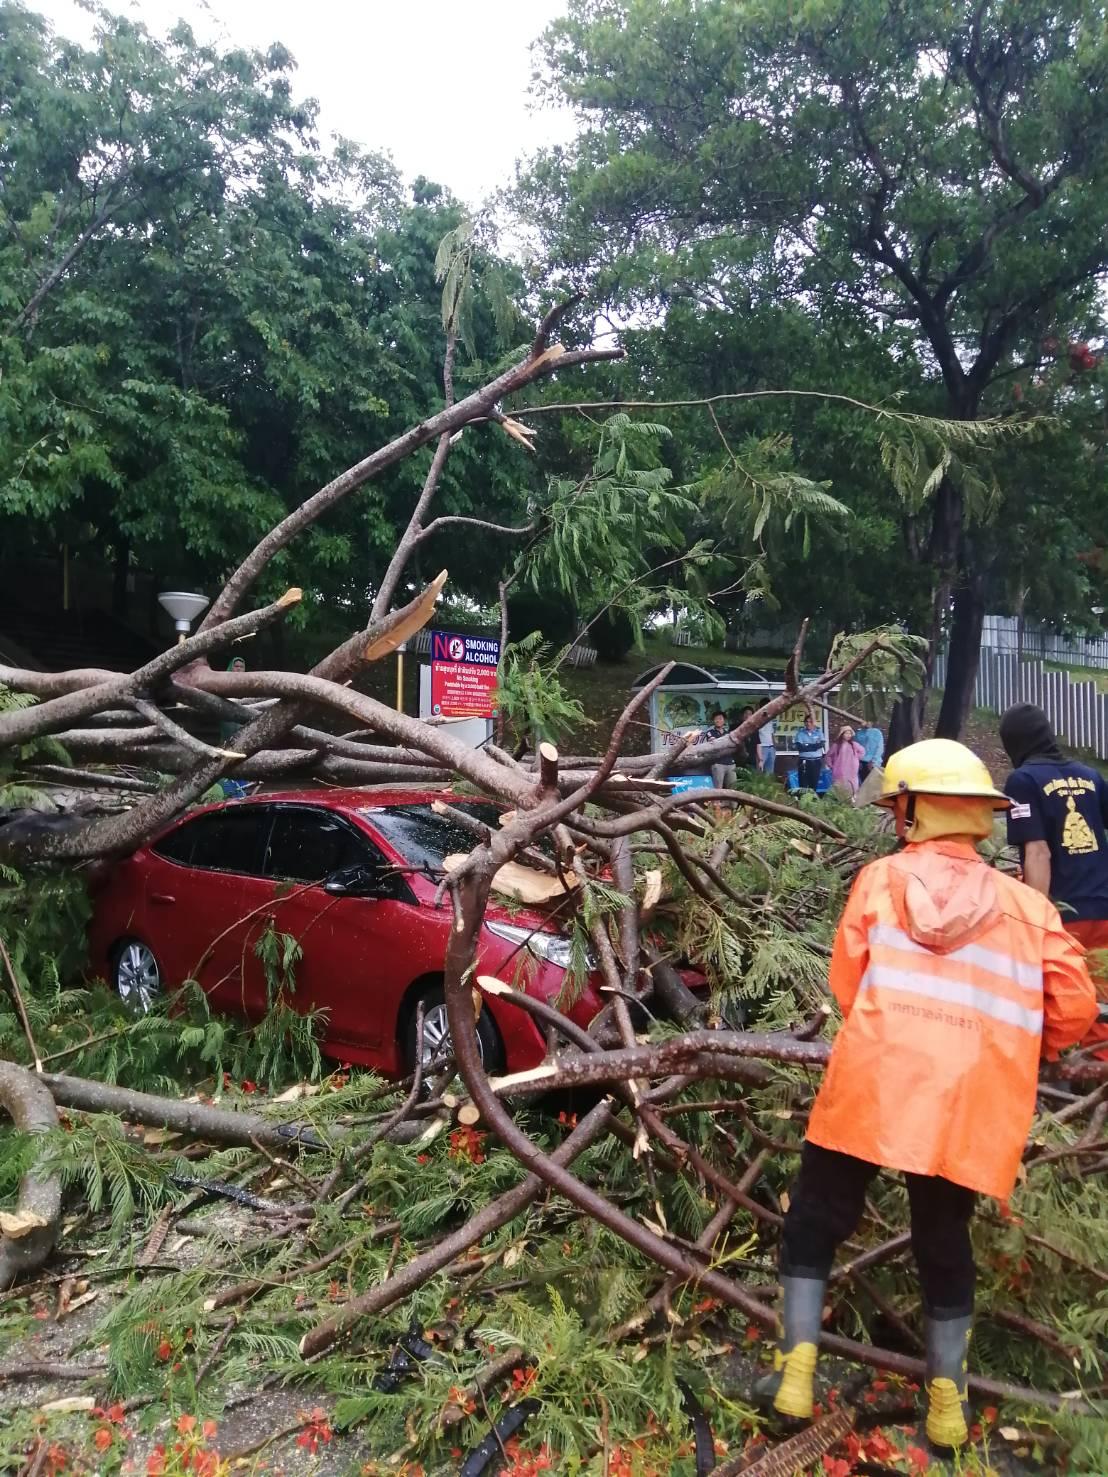 ภูเก็ตฝนตกหนักต้นไม้ล้มทับบ้าน - รถเสียหาย ปภ. เตือนระวังน้ำป่าไหลหลาก